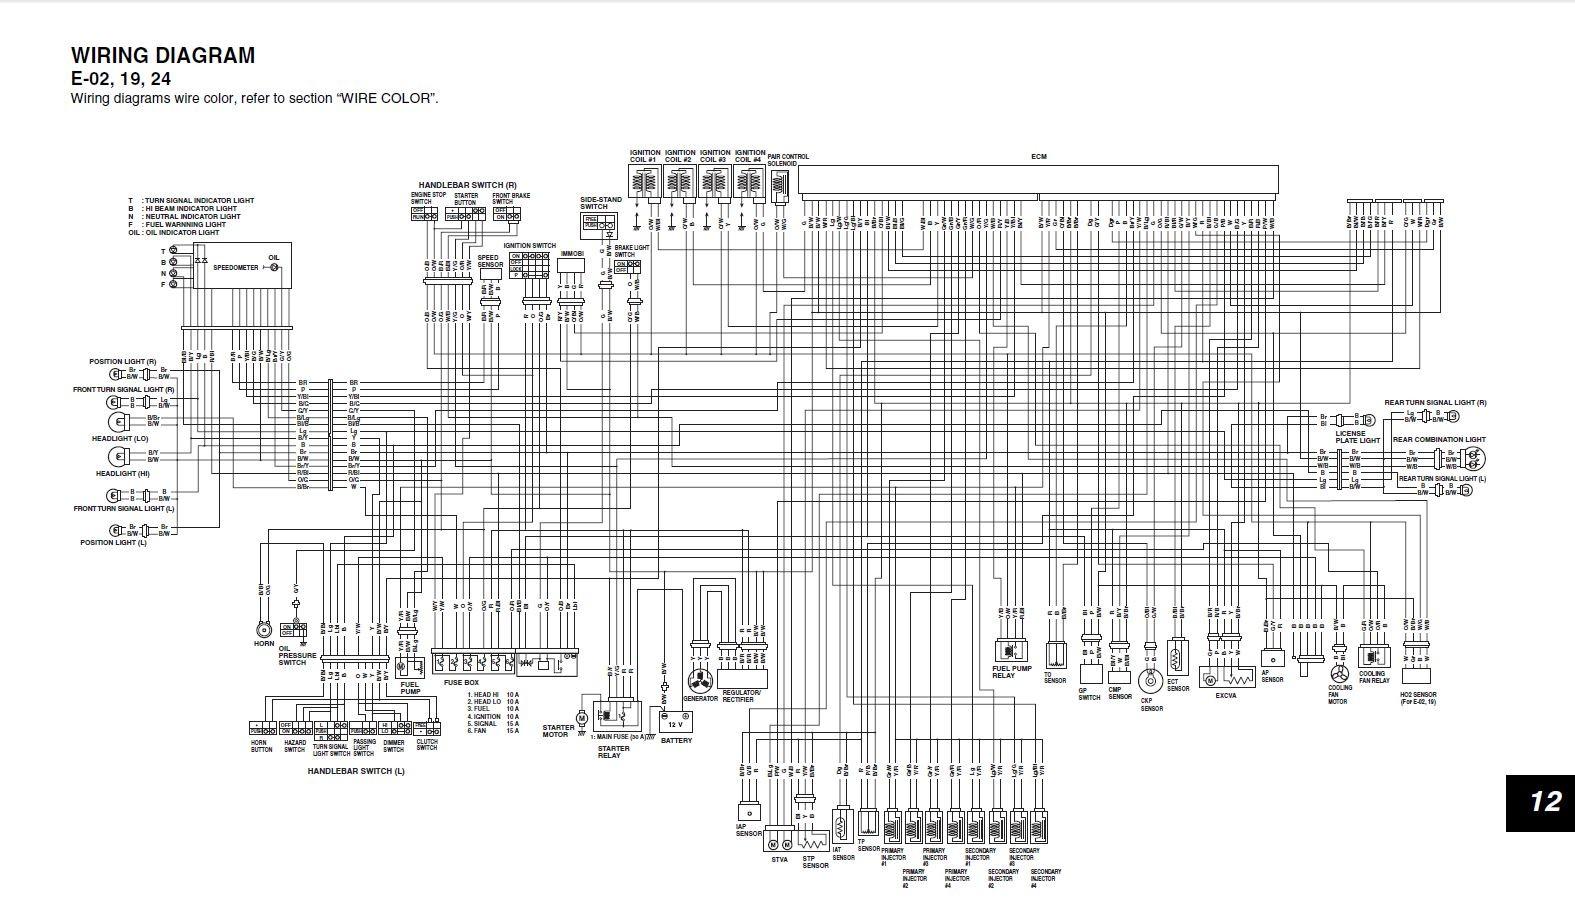 Wiring Diagram Gsxr on 2008 yamaha r6 wiring diagram, 2008 cbr1000rr wiring diagram, 2008 gsxr 600 gray, 2008 gsxr 600 electrical, 2008 gsxr 600 exhaust system, 2008 zx10 wiring diagram, 2008 cbr 600rr wiring diagram, 2008 buell wiring diagram, 2008 zx10r wiring diagram, 2008 ktm 250 wiring diagram, 2008 daytona 675 wiring diagram, 2008 gsxr 600 turn signals, 2008 gsxr 600 service manual, 2008 gsx650f wiring diagram, 2006 gsxr 1000 wiring diagram, gsxr 750 wiring diagram, 03 gsxr 1000 wiring diagram, 2008 gsxr 600 engine, 2008 harley davidson wiring diagram, 2001 gsxr 1000 wiring diagram,